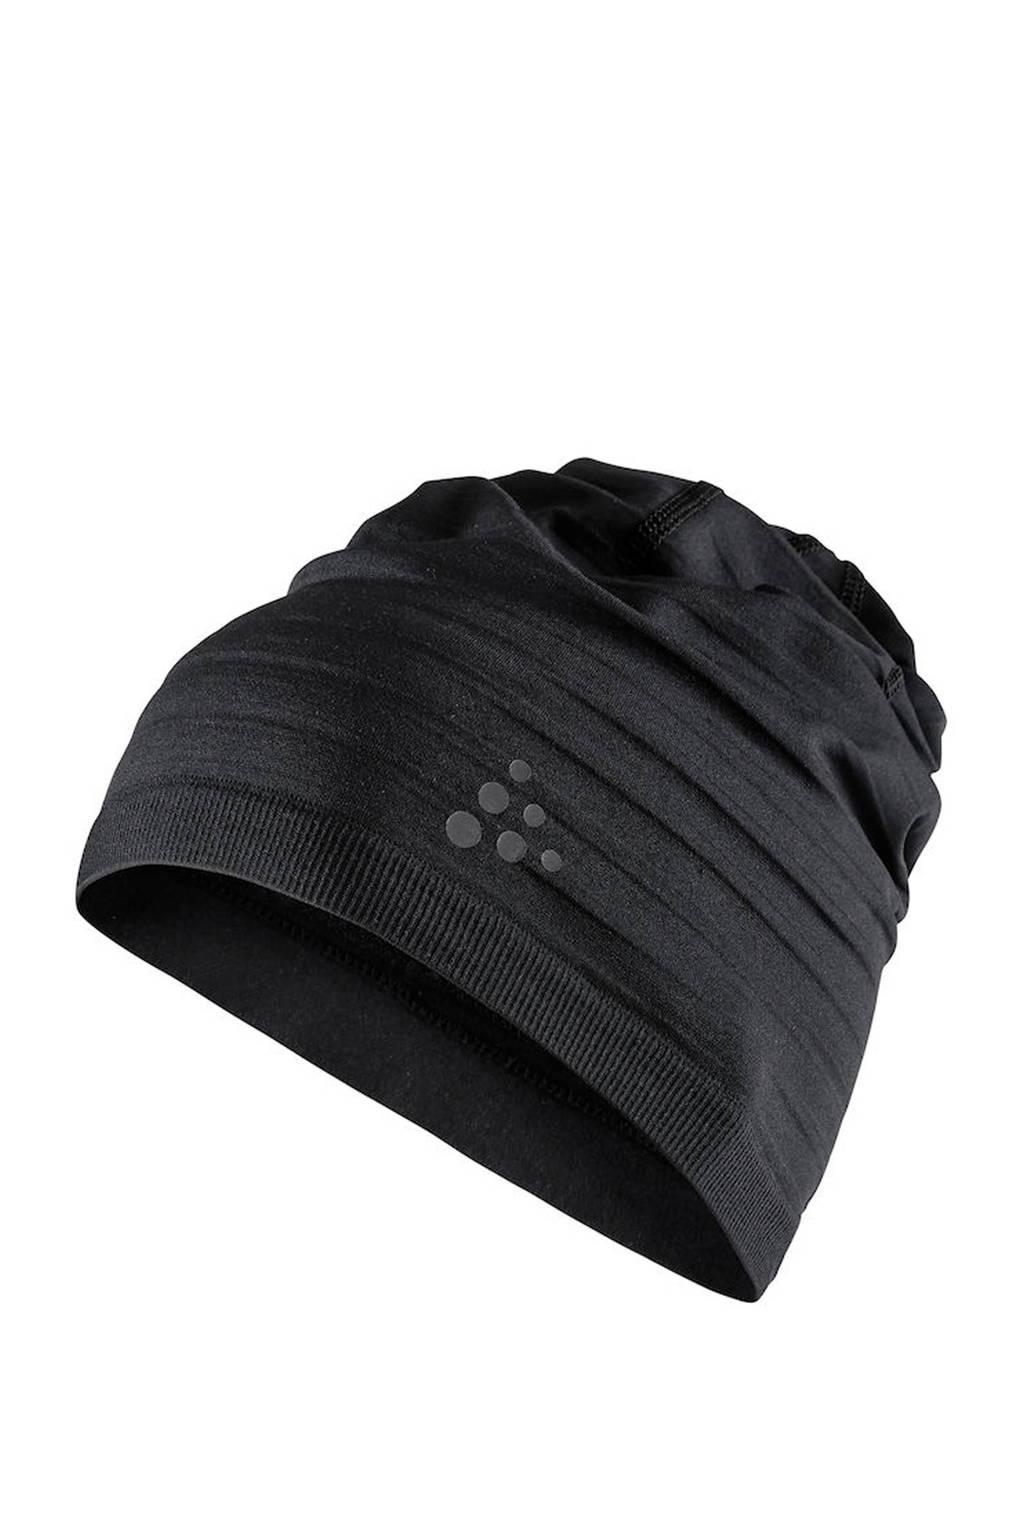 Craft   sportmuts zwart, Zwart